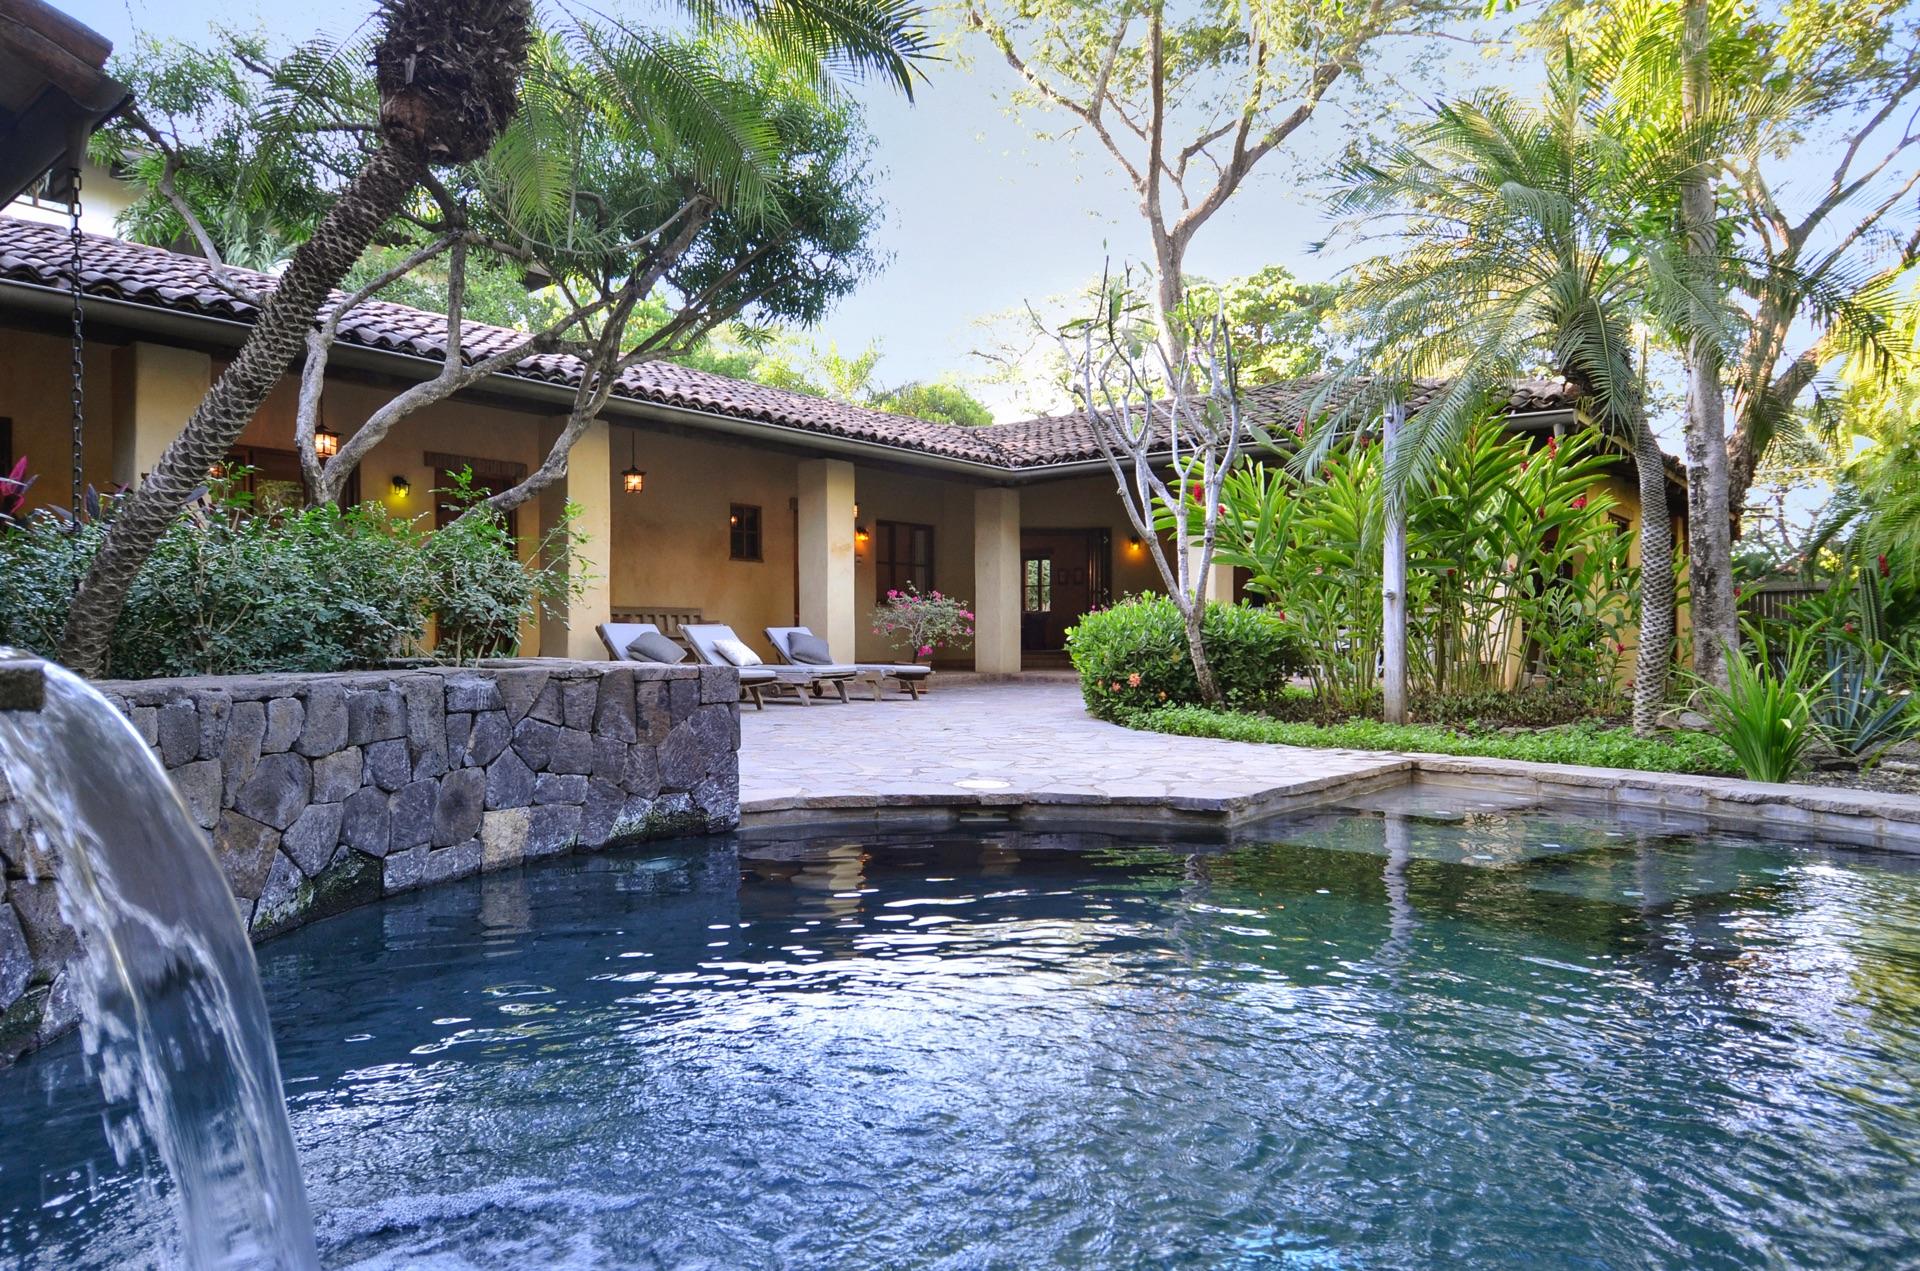 Private pool at Hacienda del Pacifico